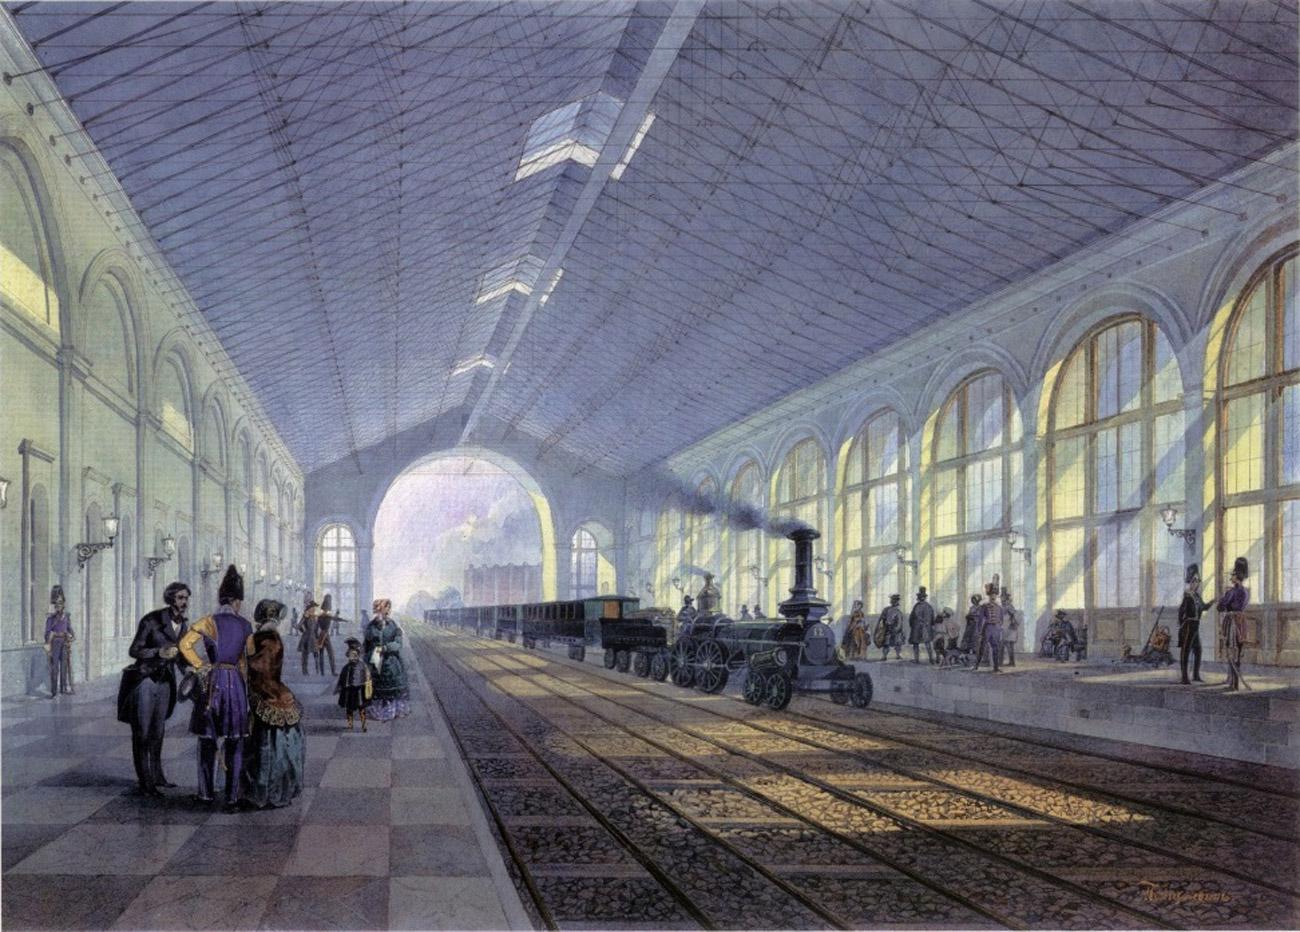 La gare de Moscou à Saint-Pétersbourg par Auguste Pettsolt. Crédit: Image libre de droit